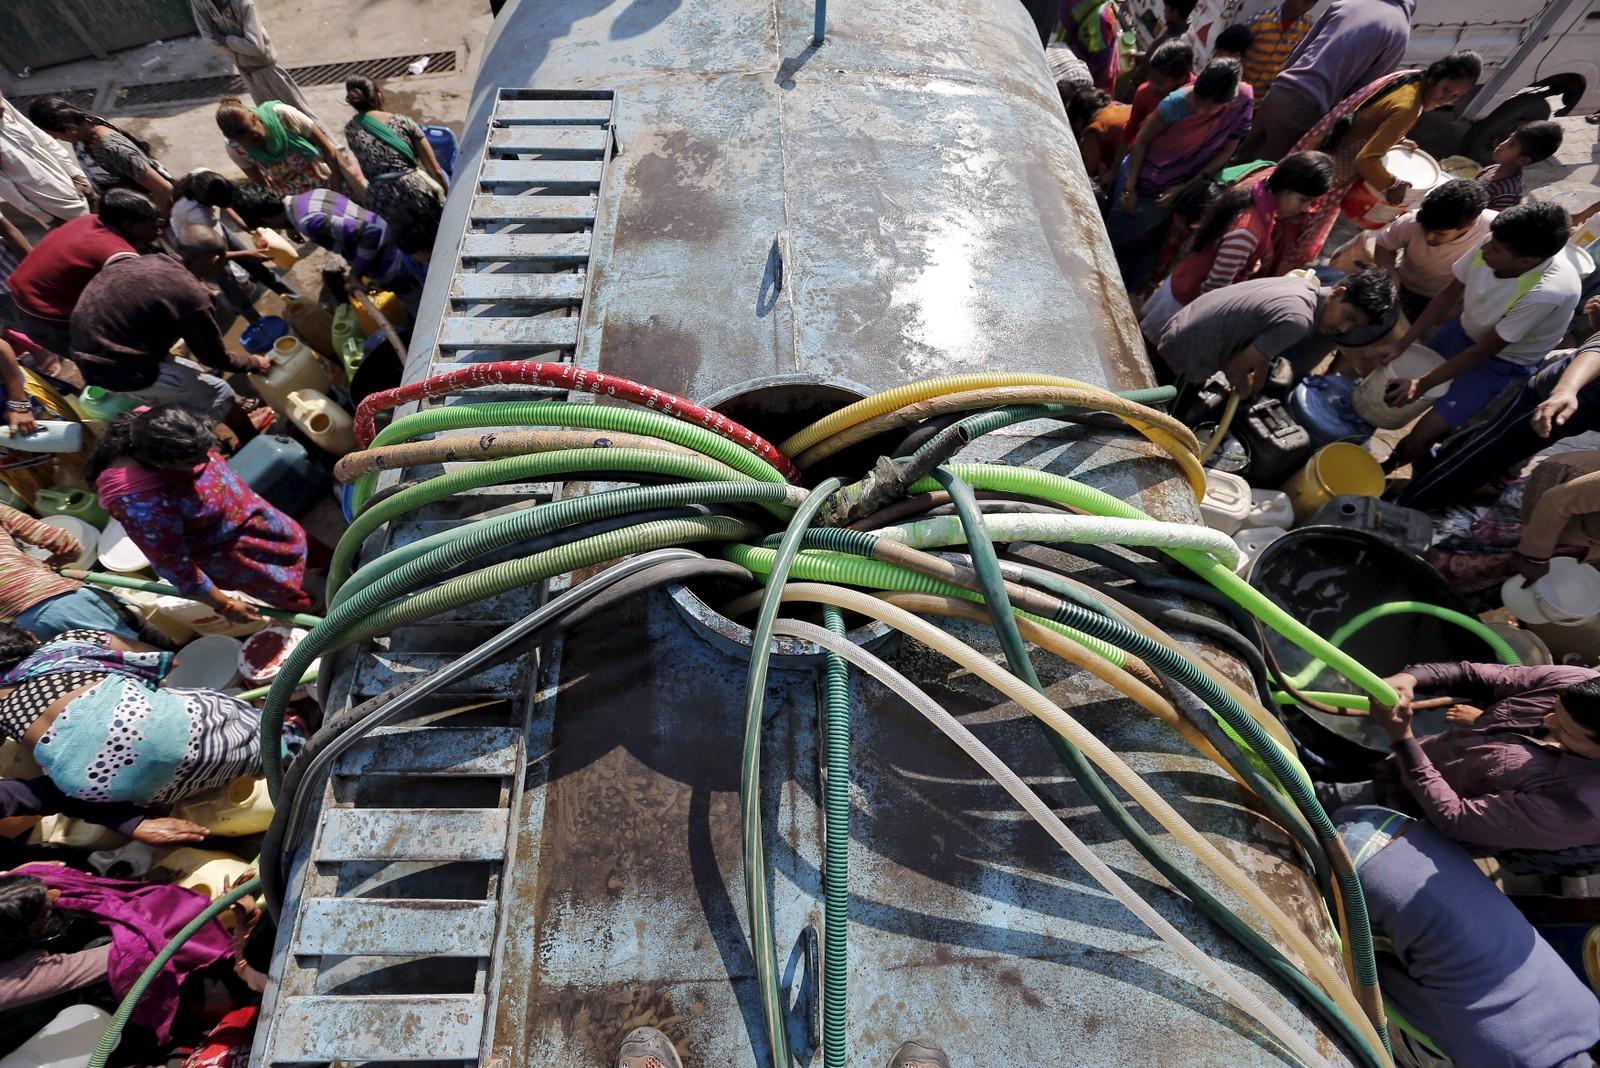 Vannkrisa i New Delhi, India, trua i mars vannforsyninga til rundt 20 millioner mennesker. Styresmaktene sendte ut tankbiler med vann til folket.